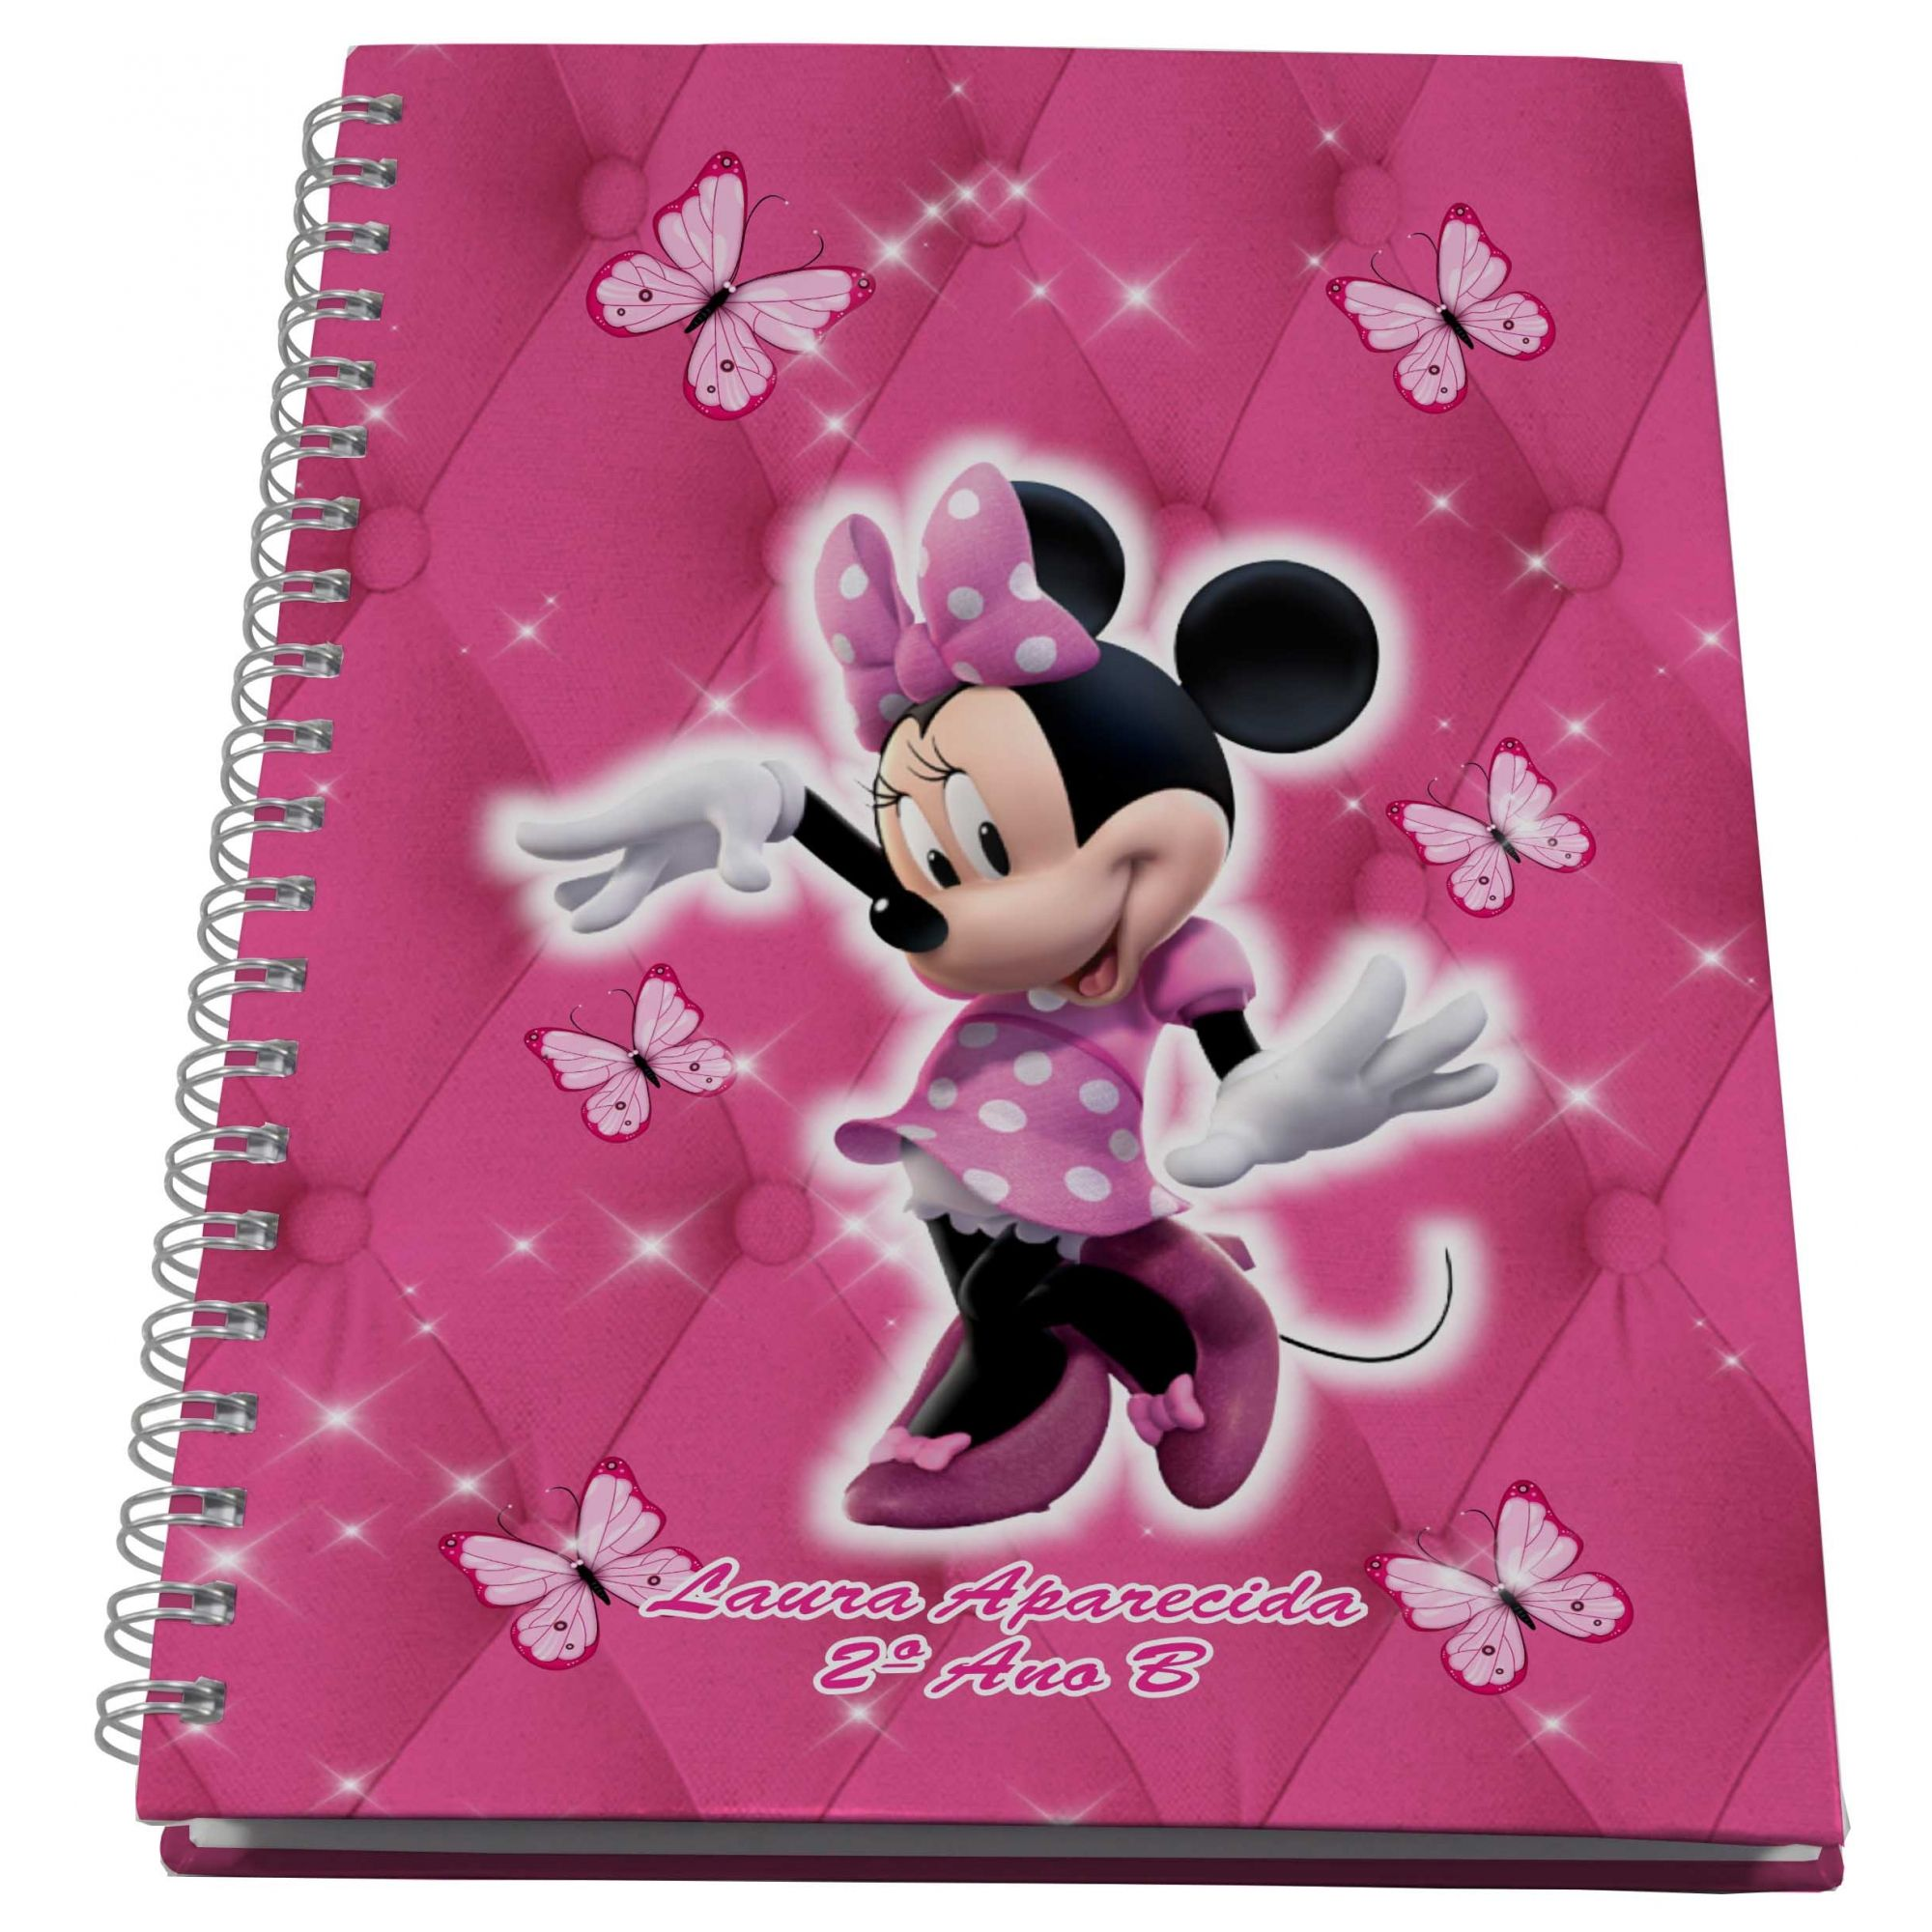 Super Cadernos personalizados , Atacadão das Lembranças - Tudo em  ML07